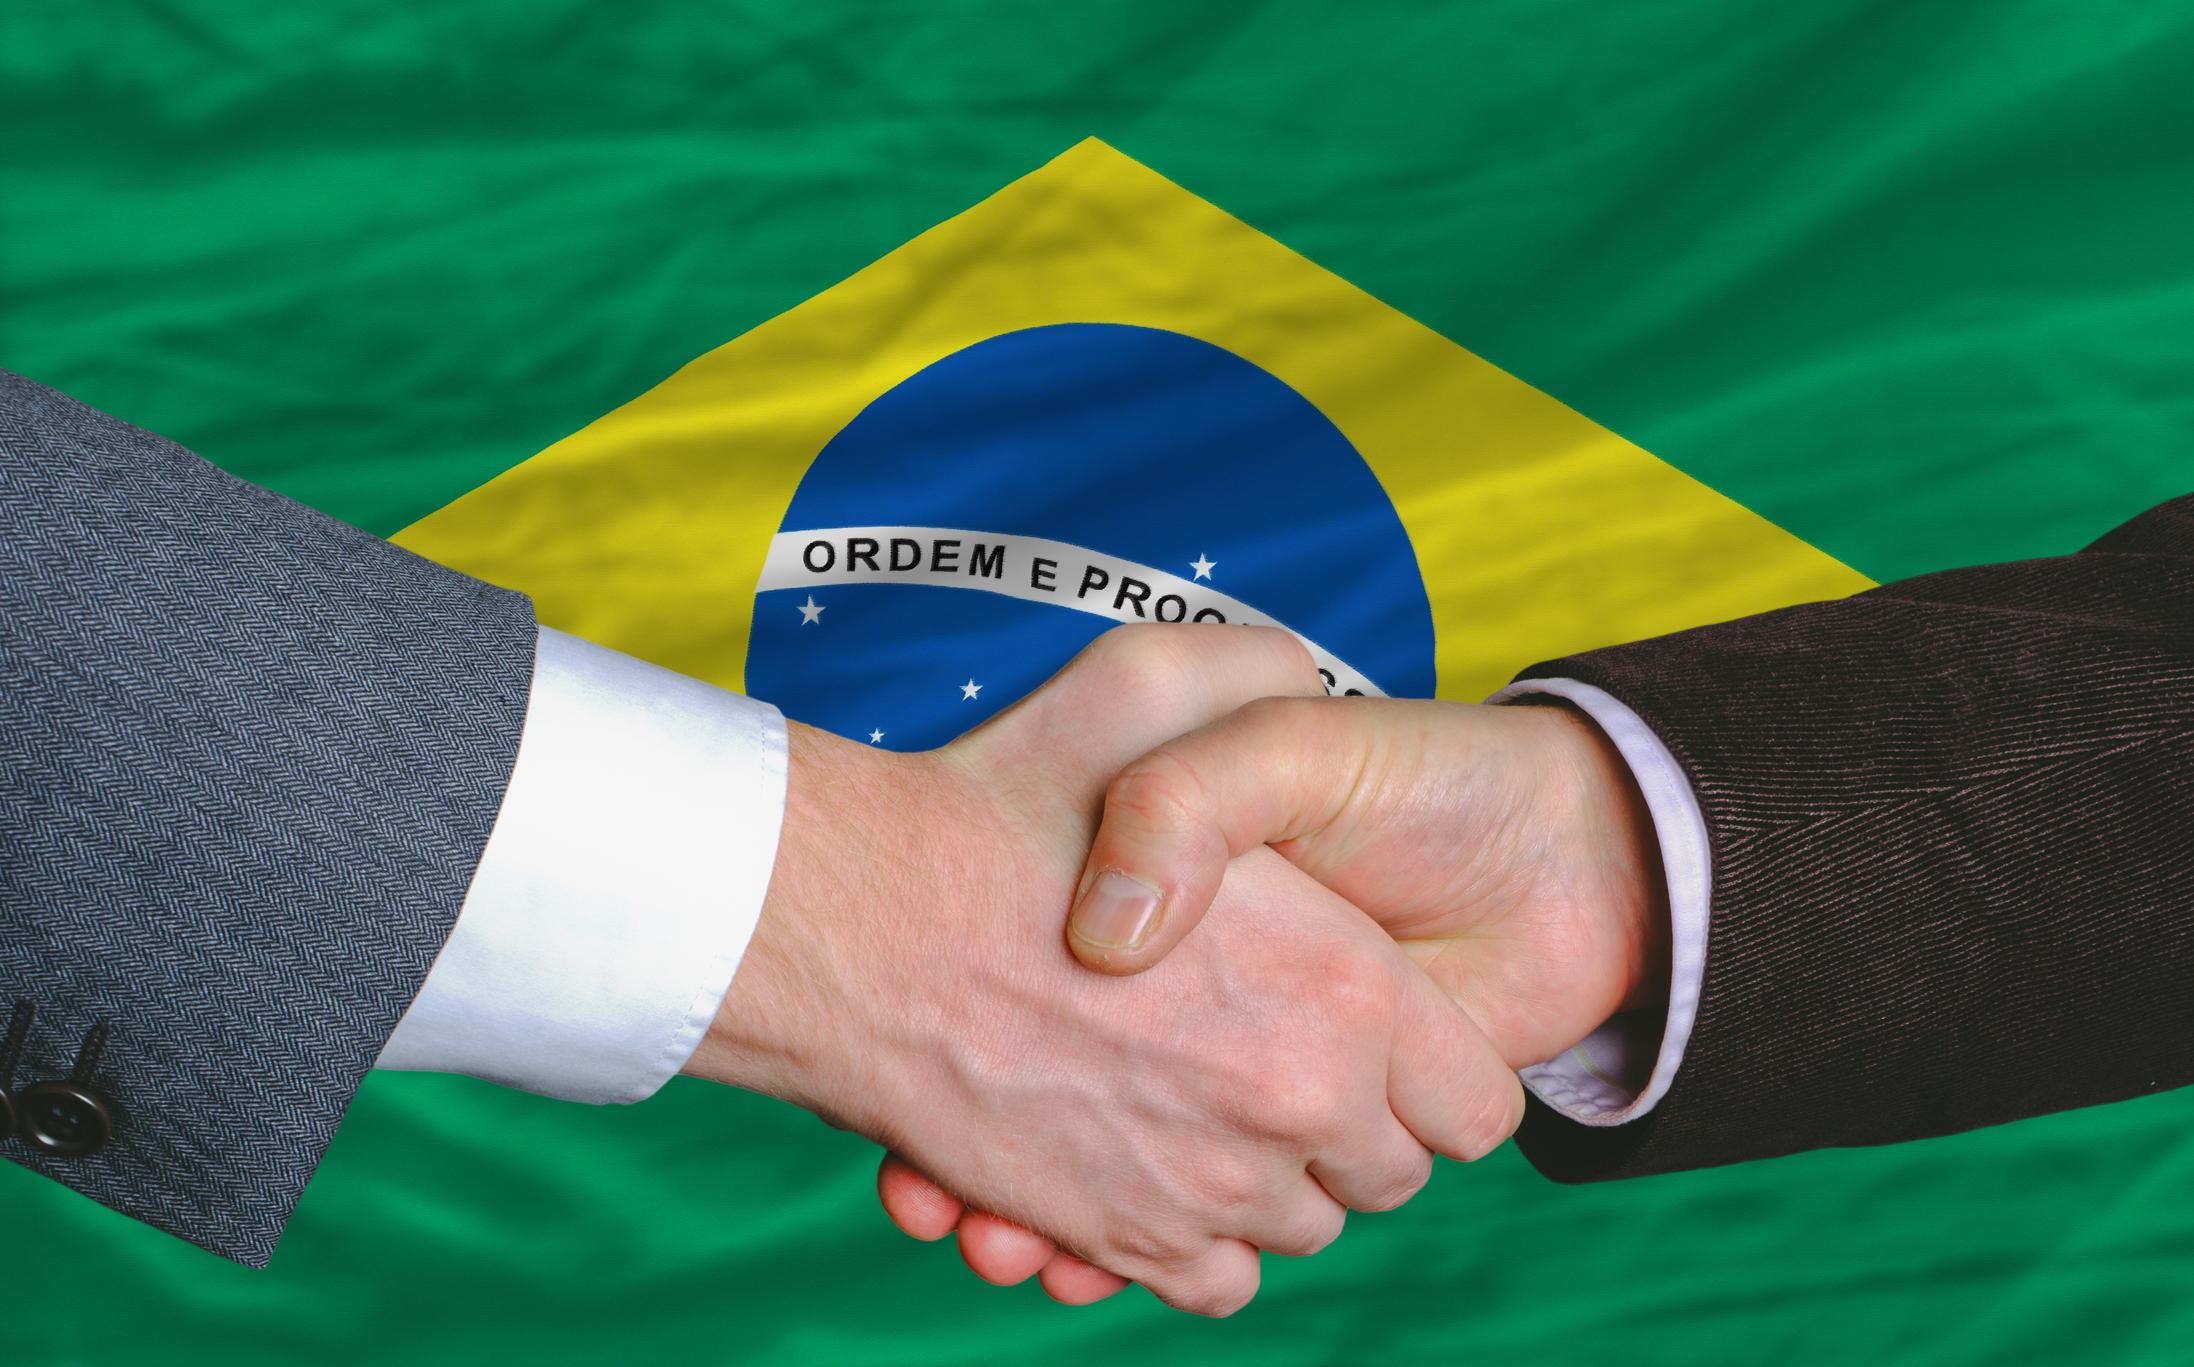 Crescimento empresarial no Brasil em 2015 – Jornal de Valinhos